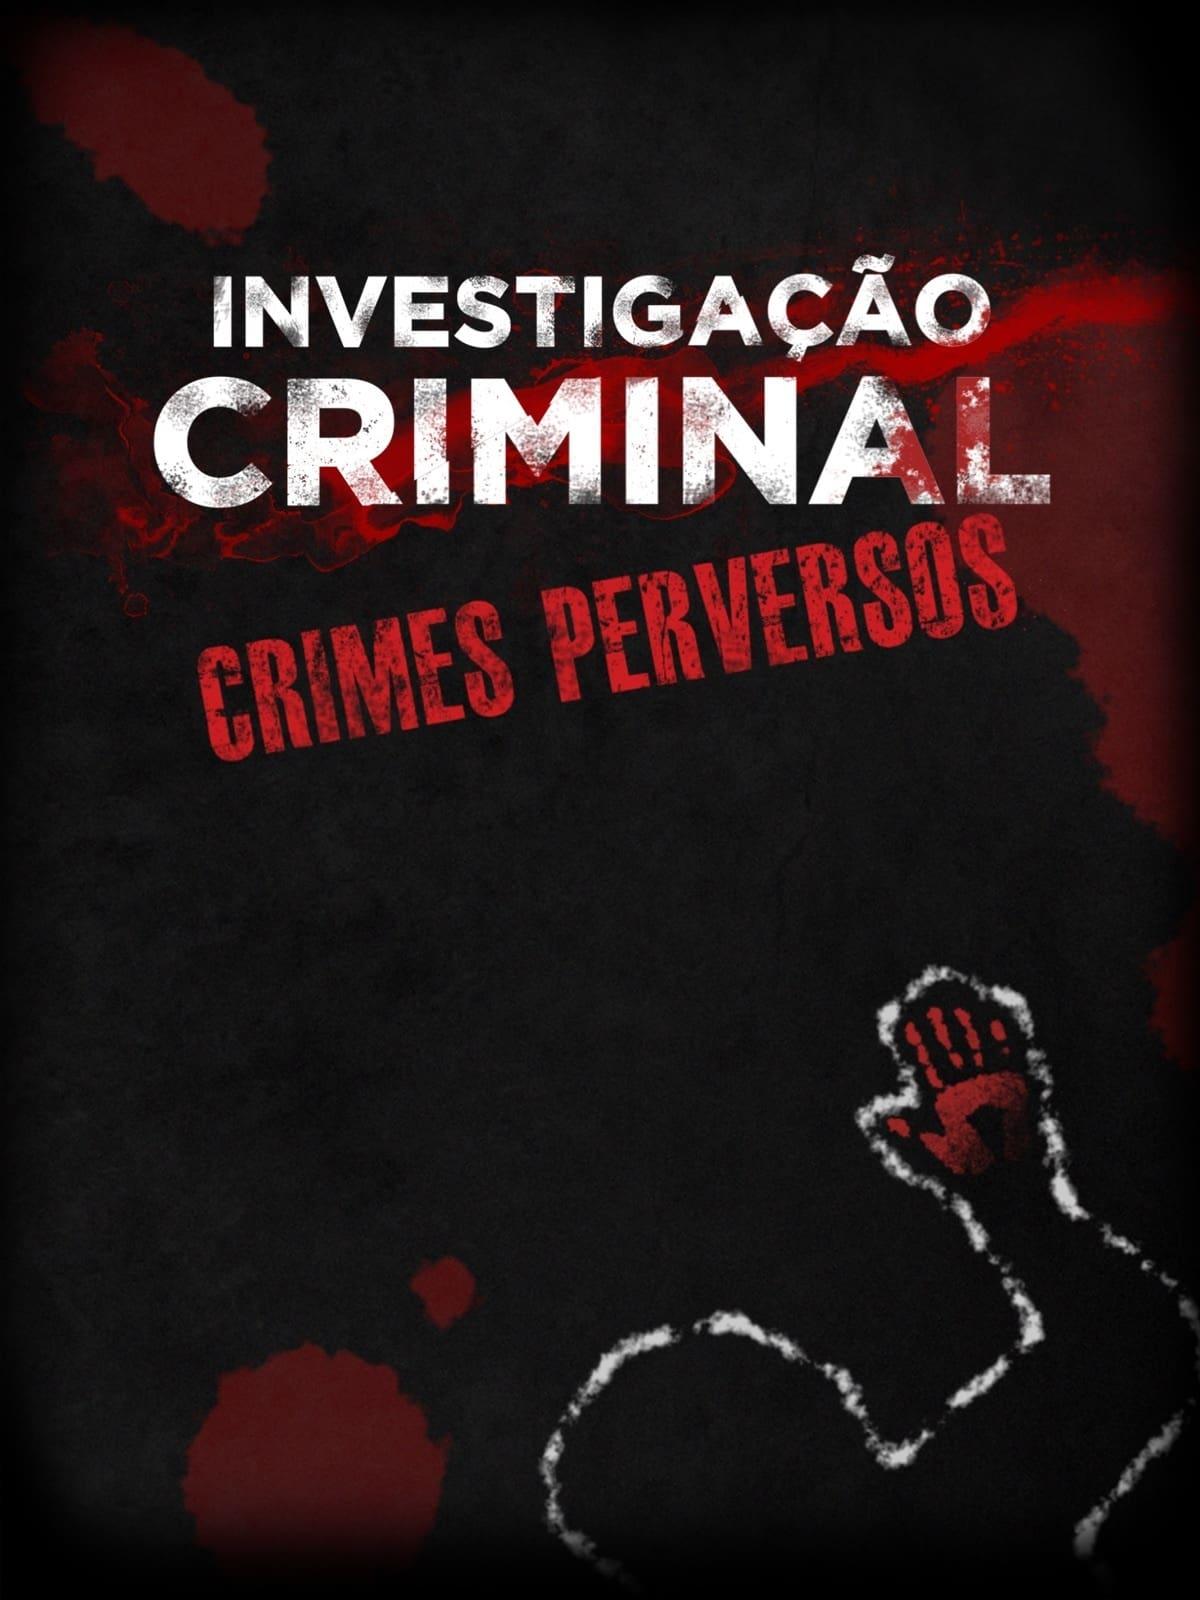 Crimes Perversos